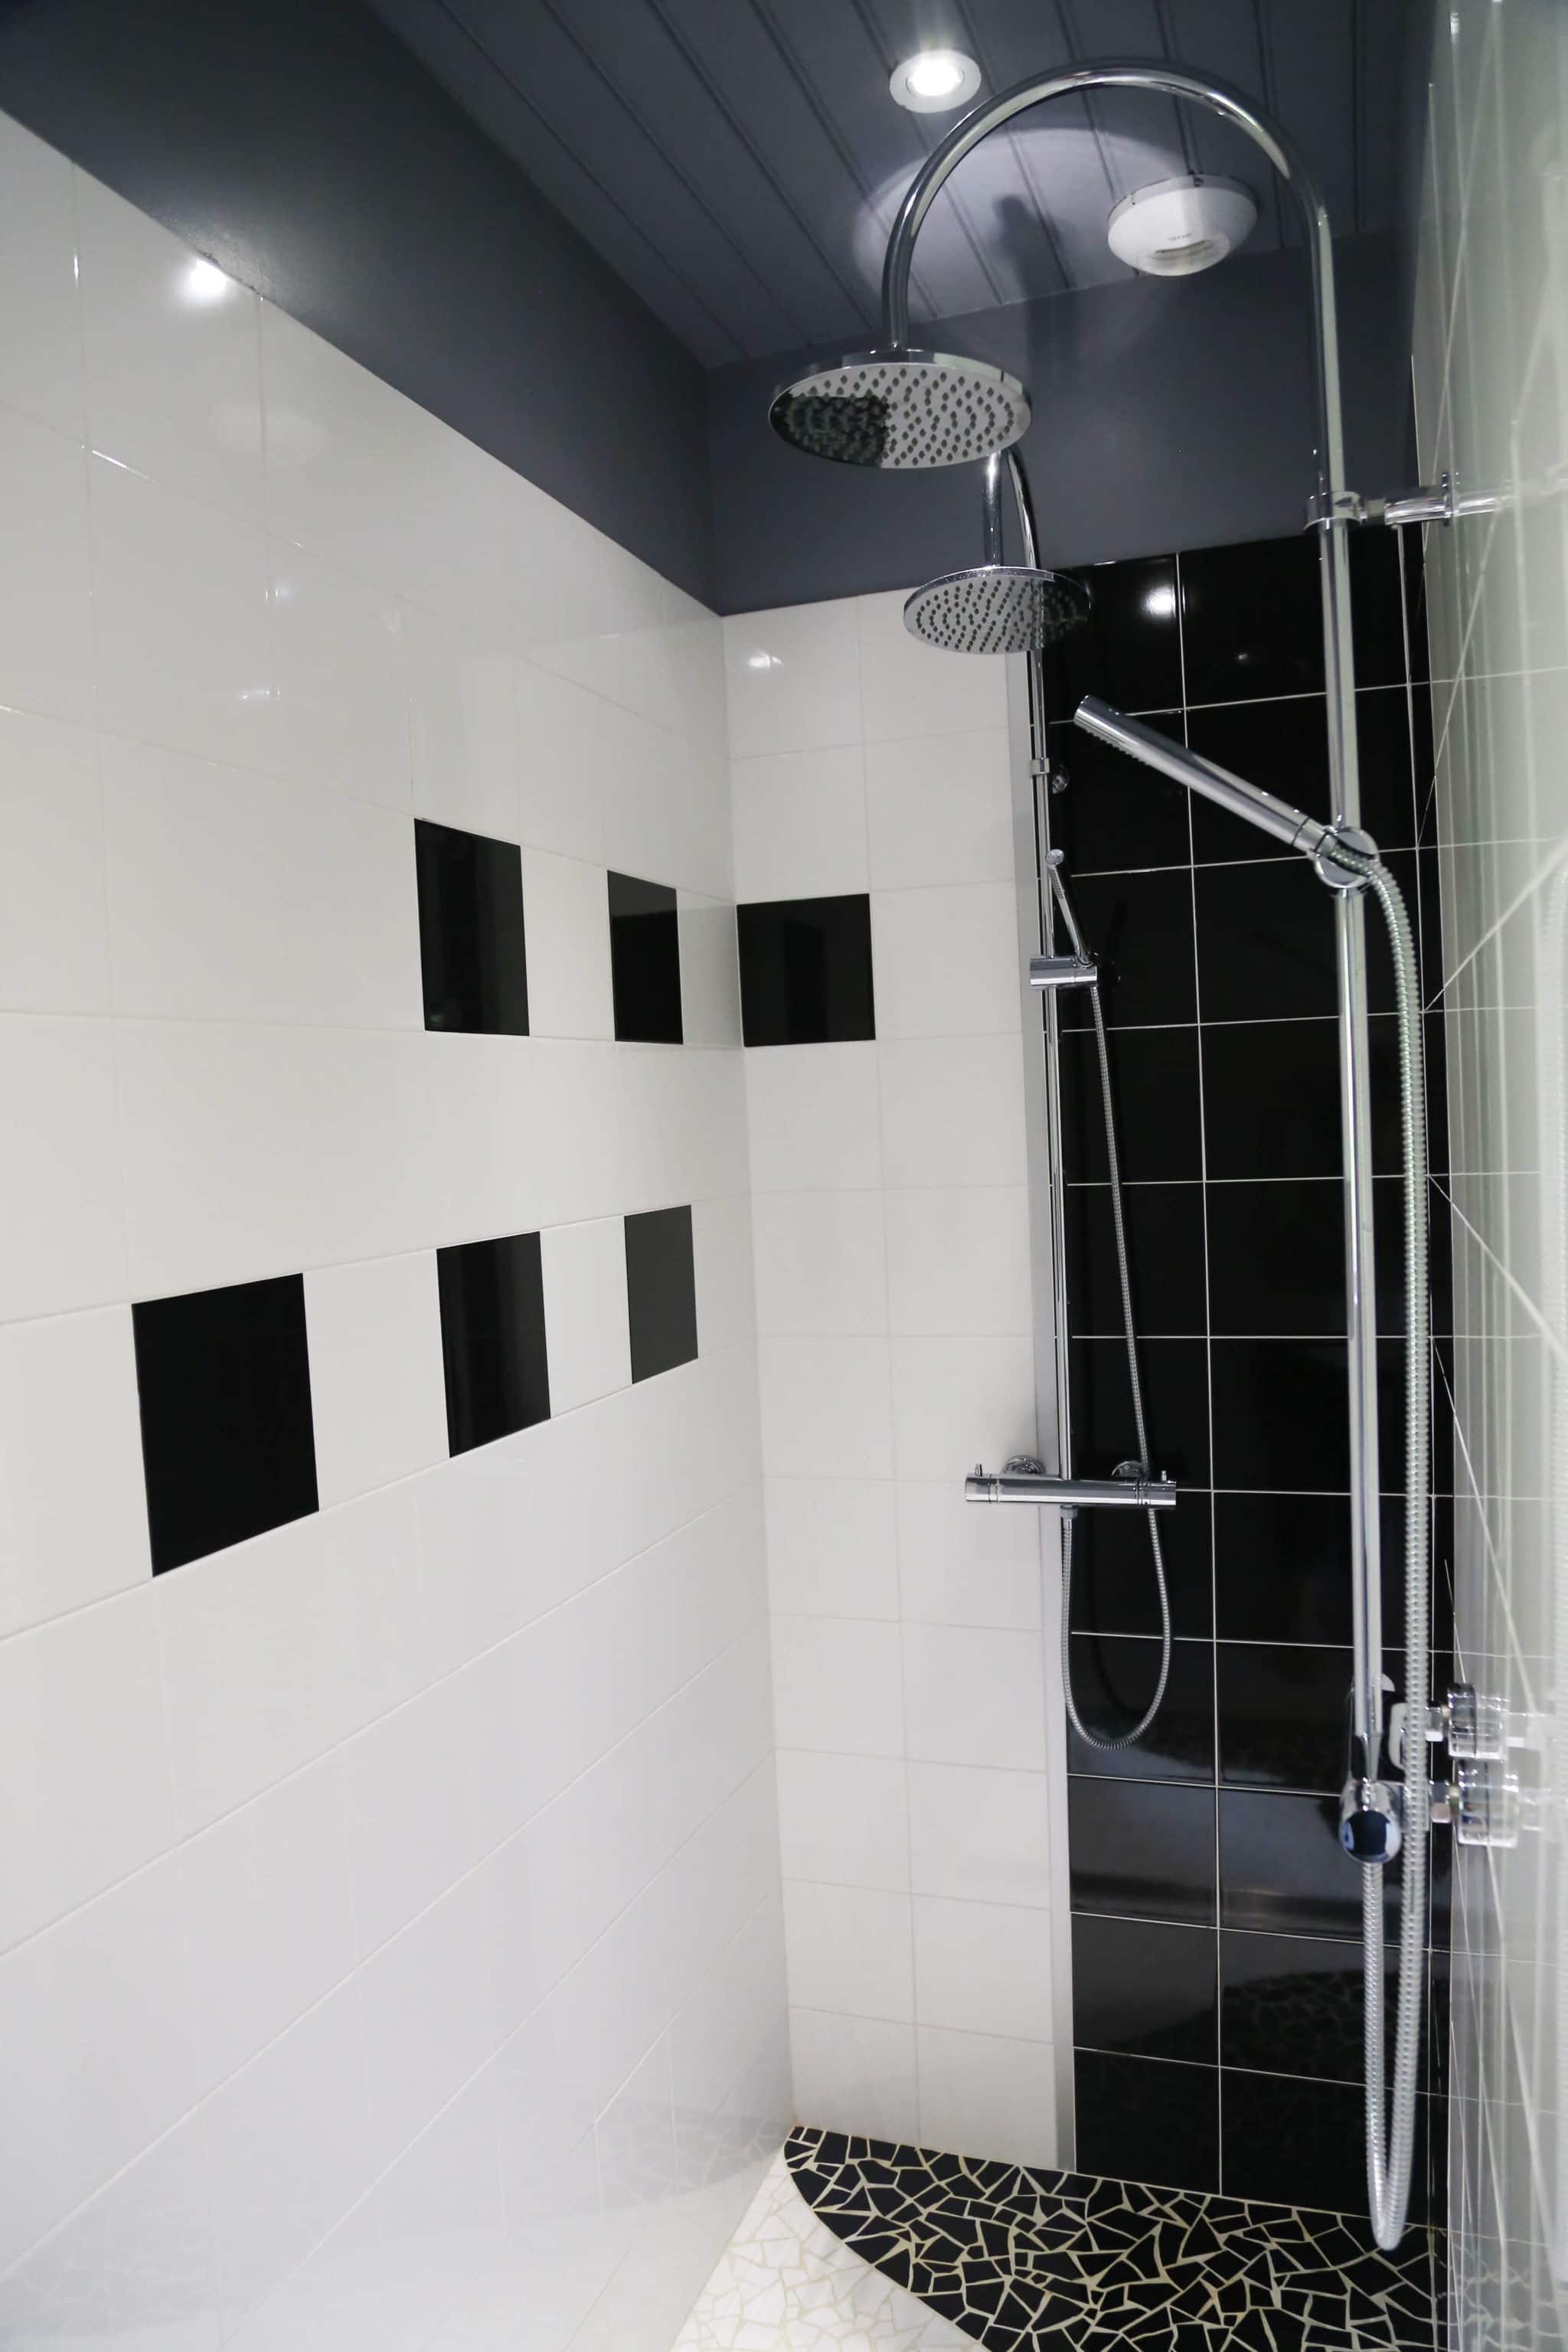 chambre d'hote le logis du parc en Vendée double douche italienne